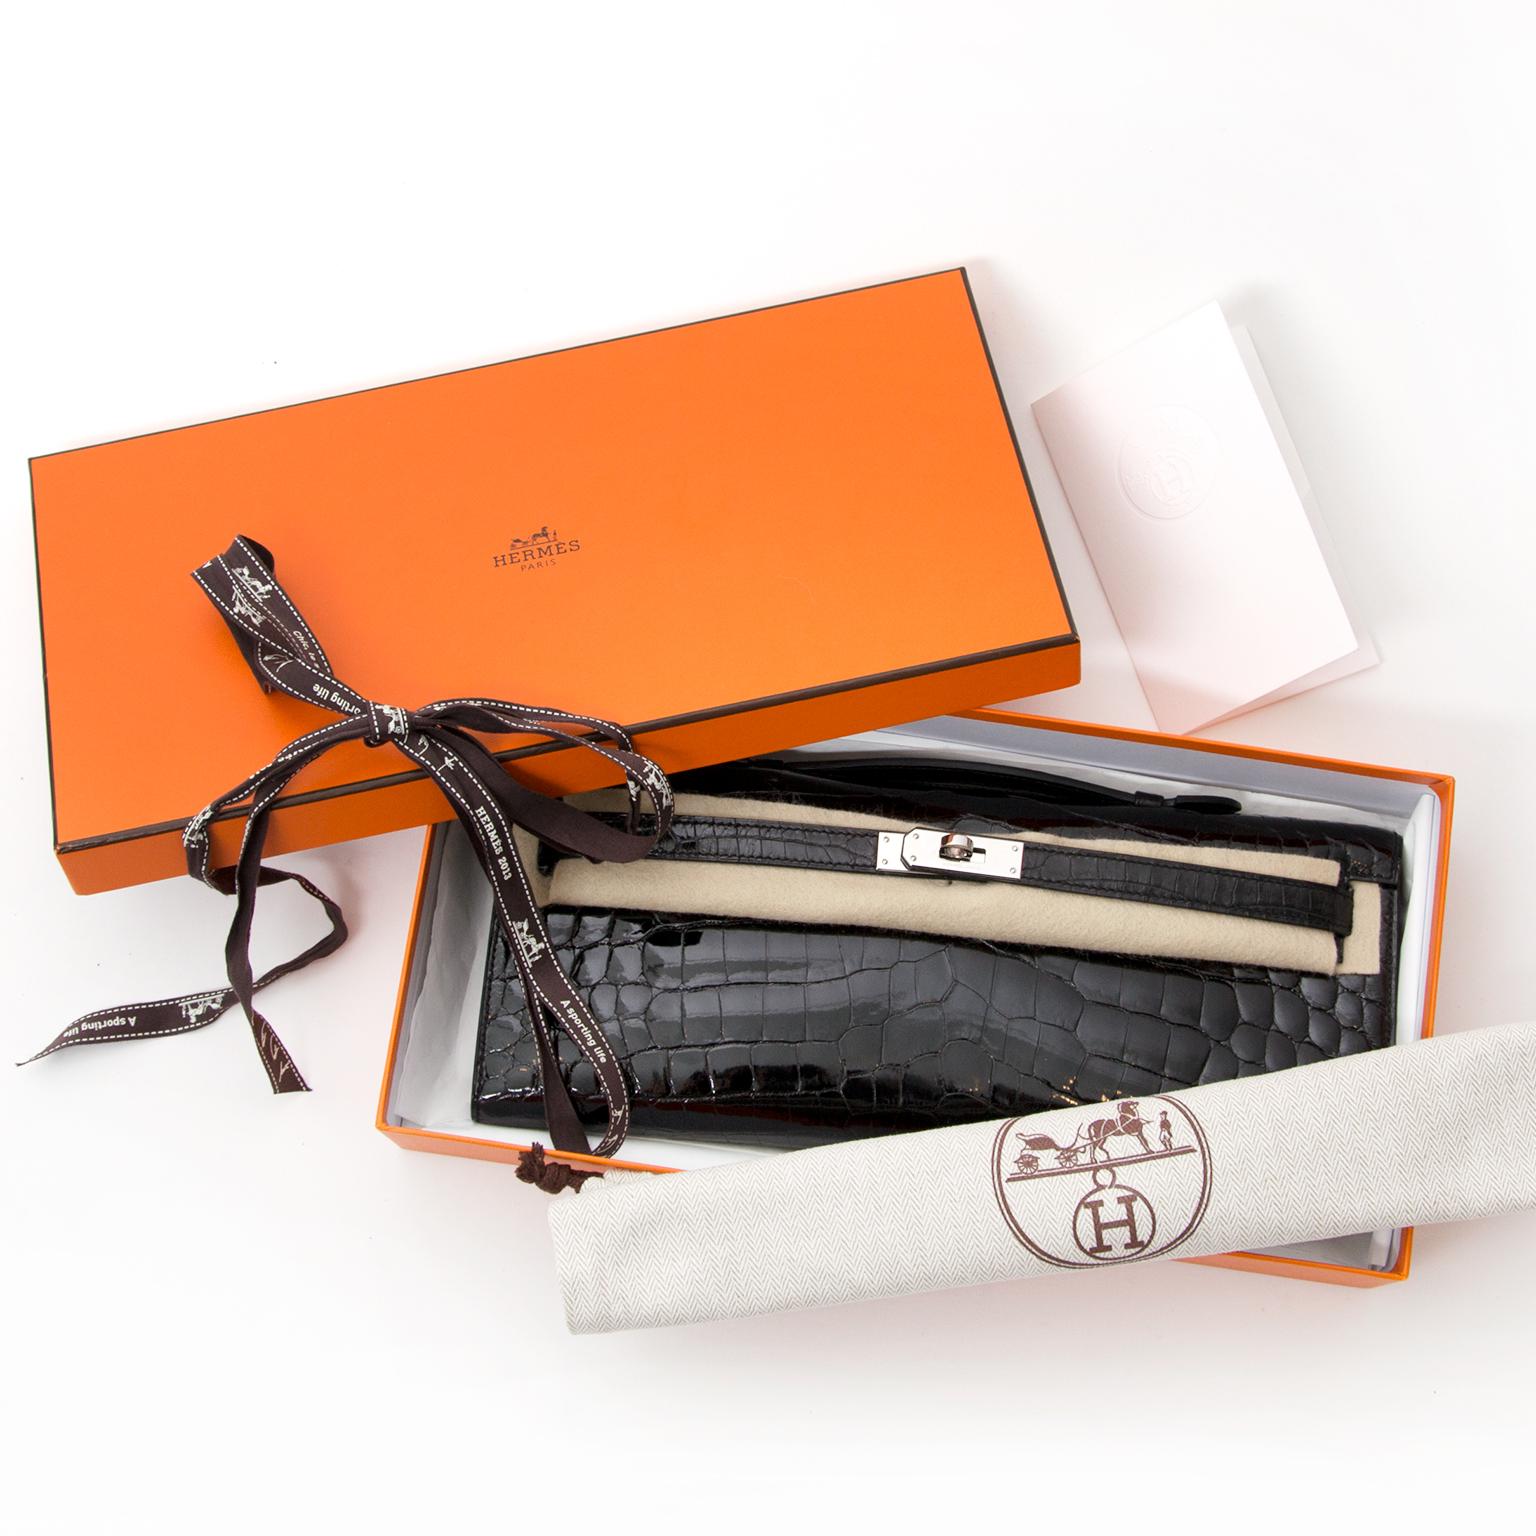 Hermès Clutch Pochette Kelly Crocodile Niloticus Lisse Noir koop veilig en snel online tweedehands Hermes Kelly net als nieuw beste prijs 100% echt